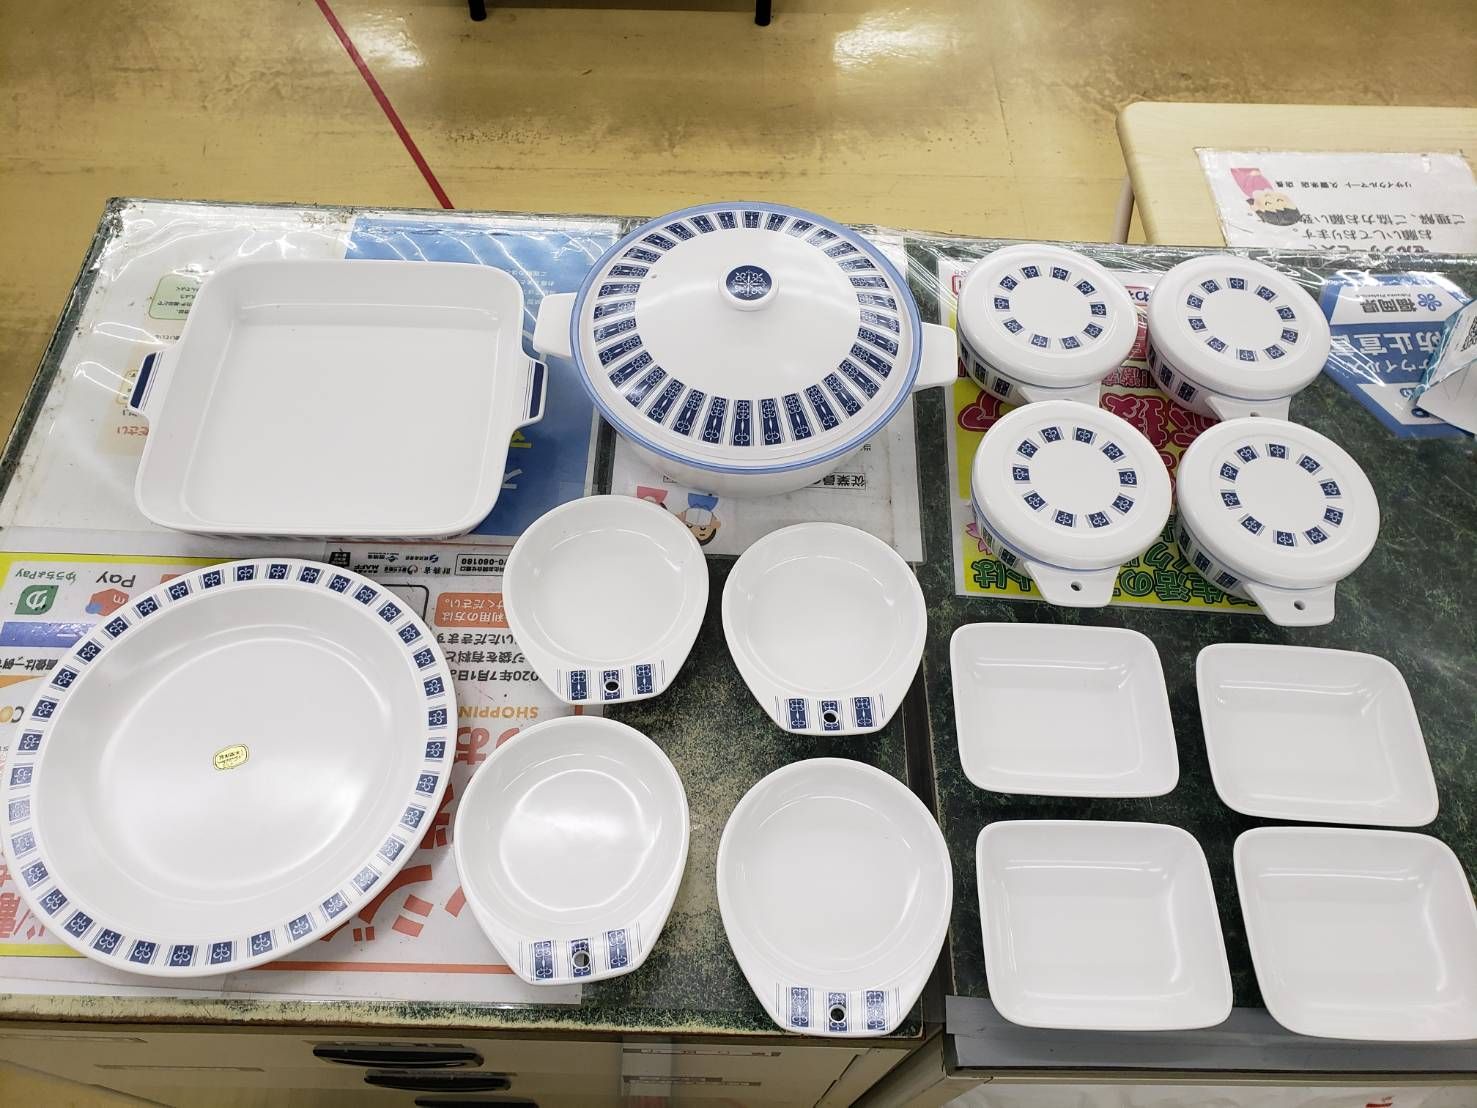 noritake / ノリタケ / PROGRESSION / プログレッション 未使用 食器セット / 鍋セット / オールドノリタケセット 買取致しました。の買取-